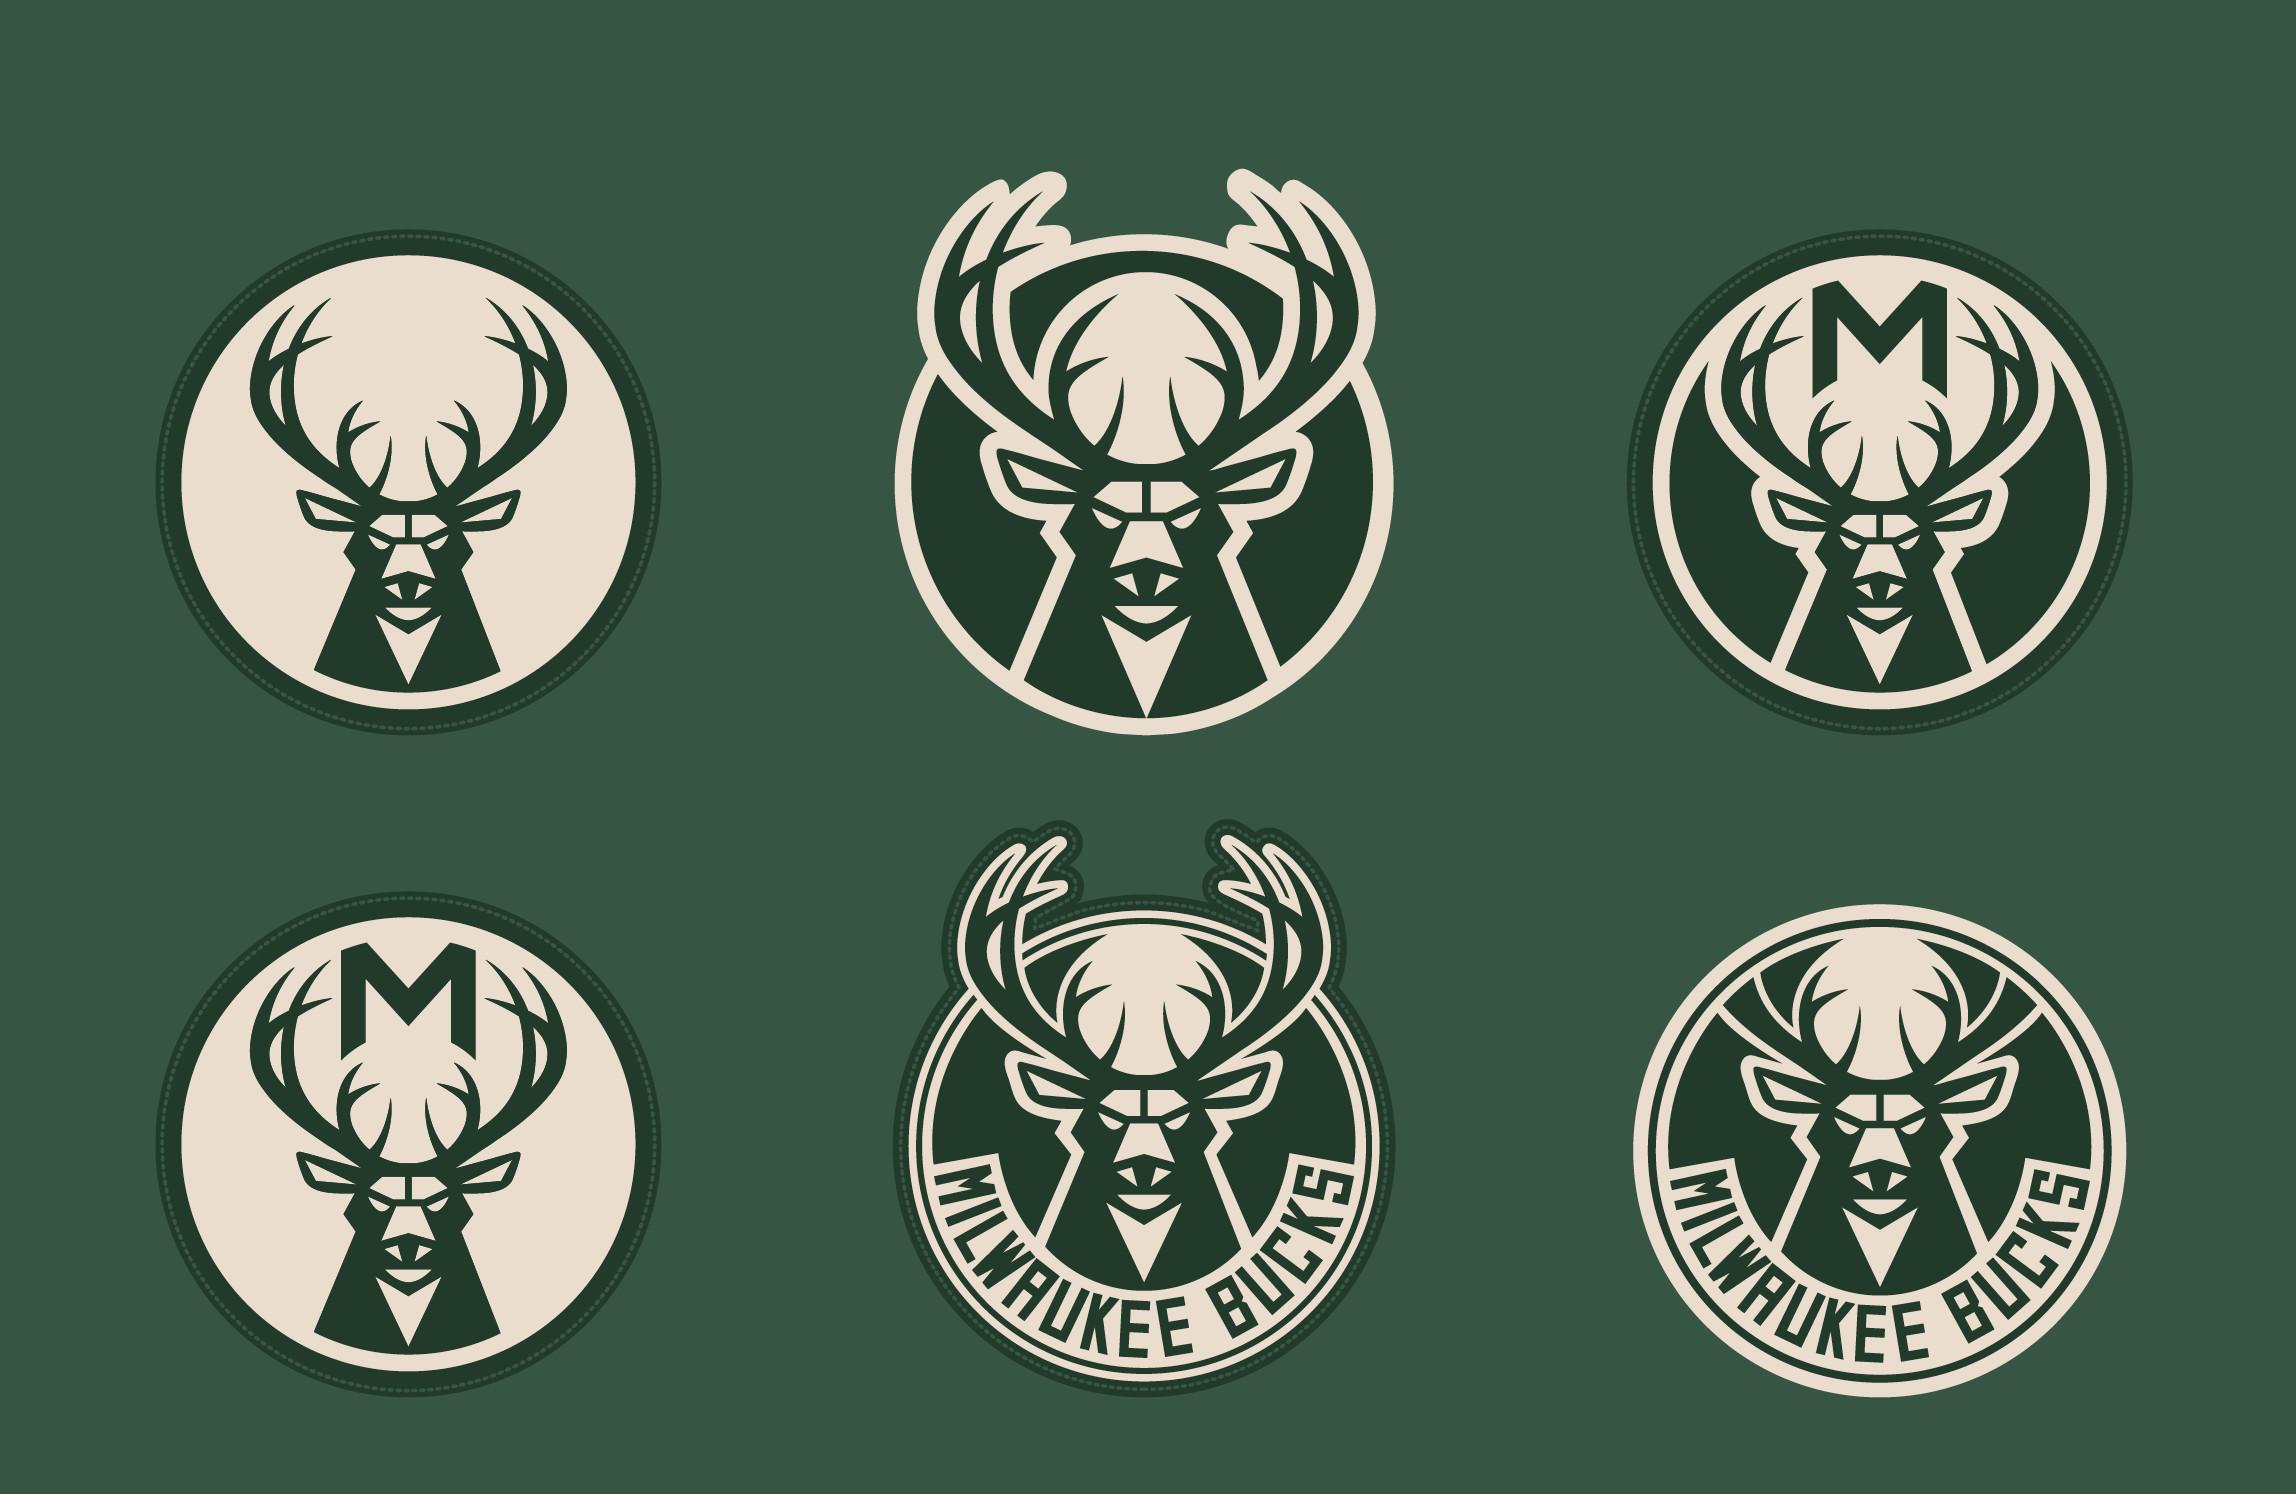 Milwaukee Bucks #8